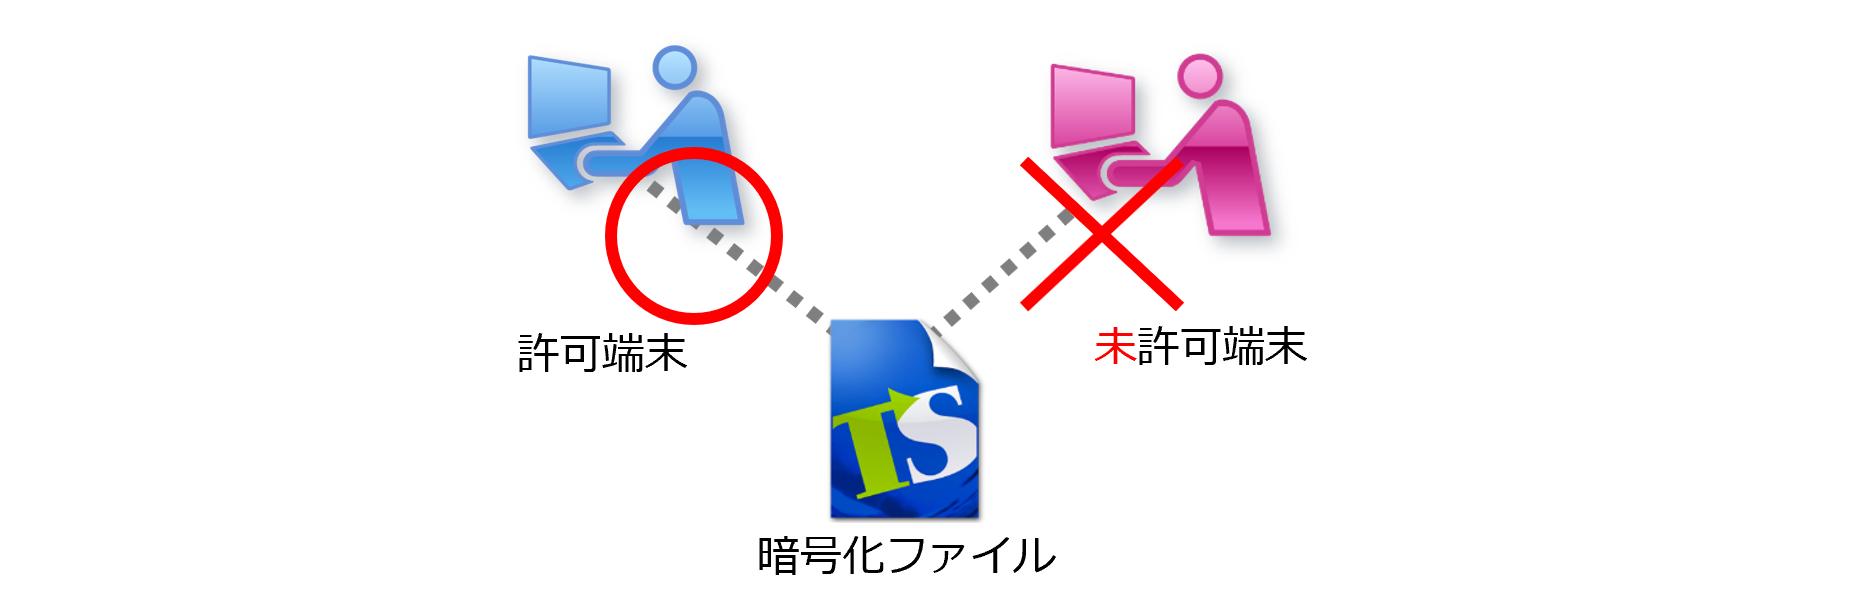 端末限定機能で指定した端末以外でのファイル利用を禁止